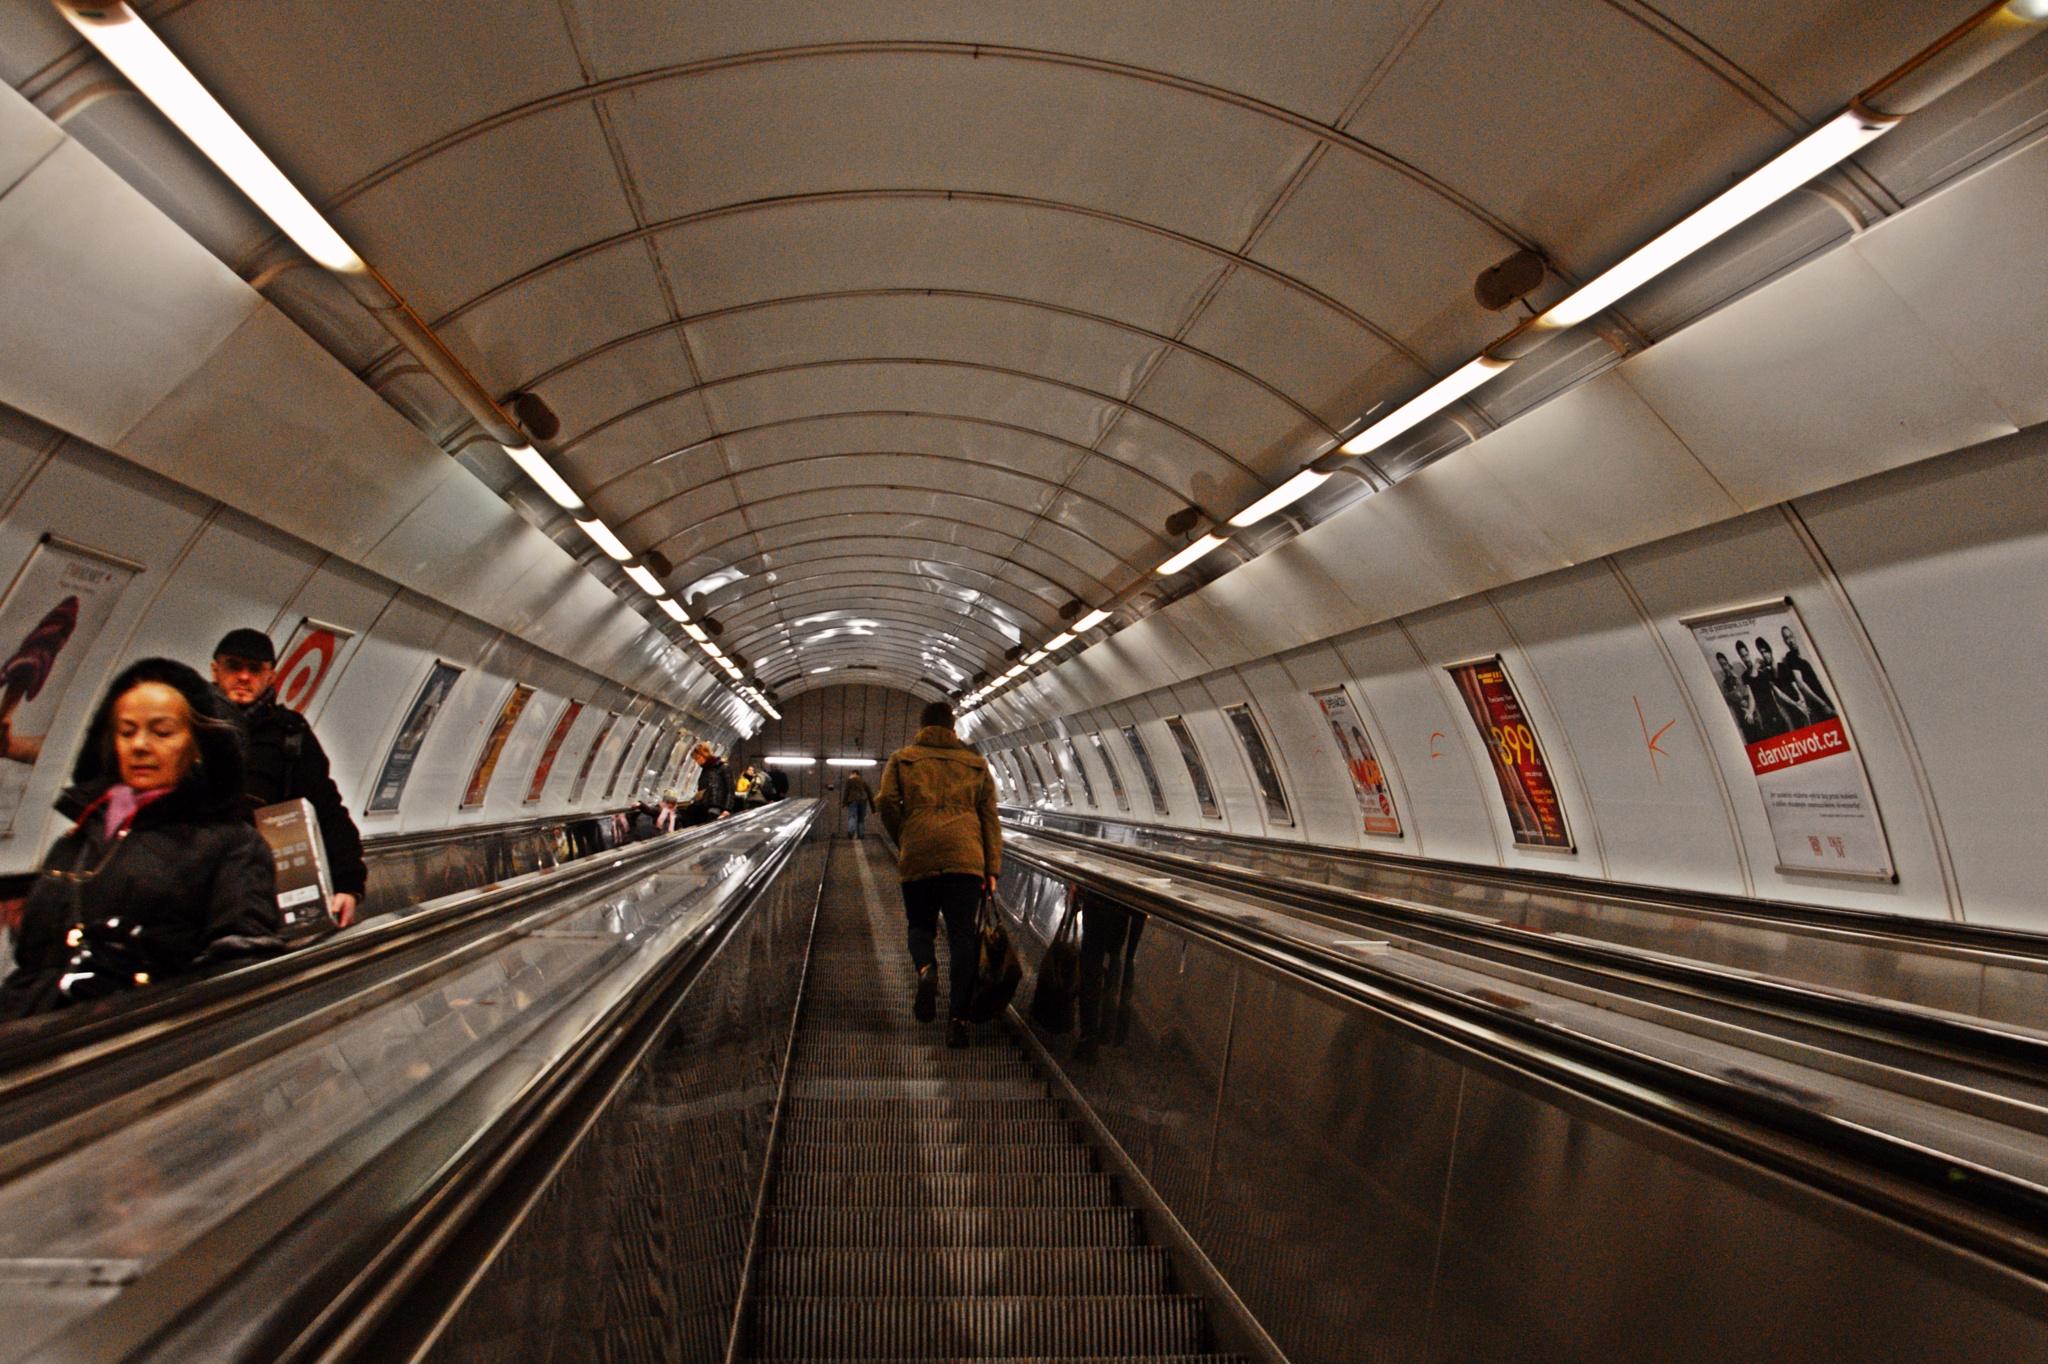 Subway in Prague by sandra.cimino.1